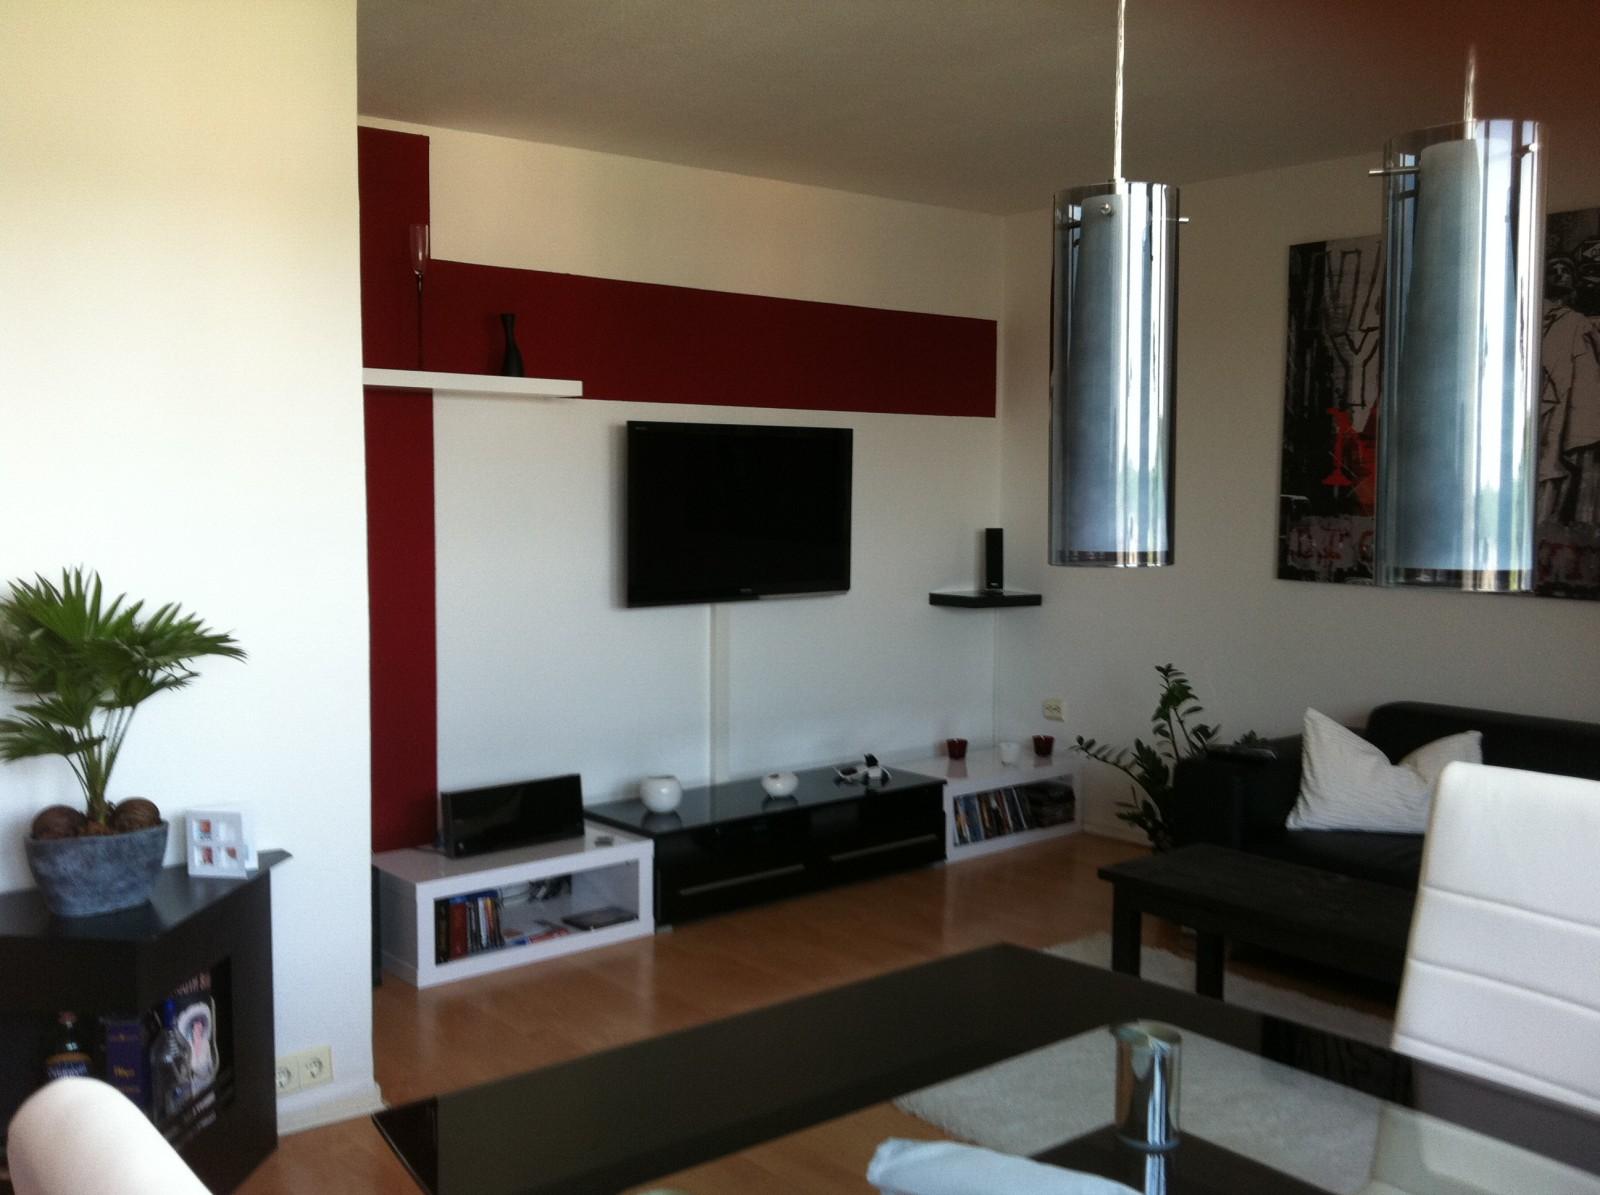 39 mein raum 39 motte s heim zimmerschau. Black Bedroom Furniture Sets. Home Design Ideas